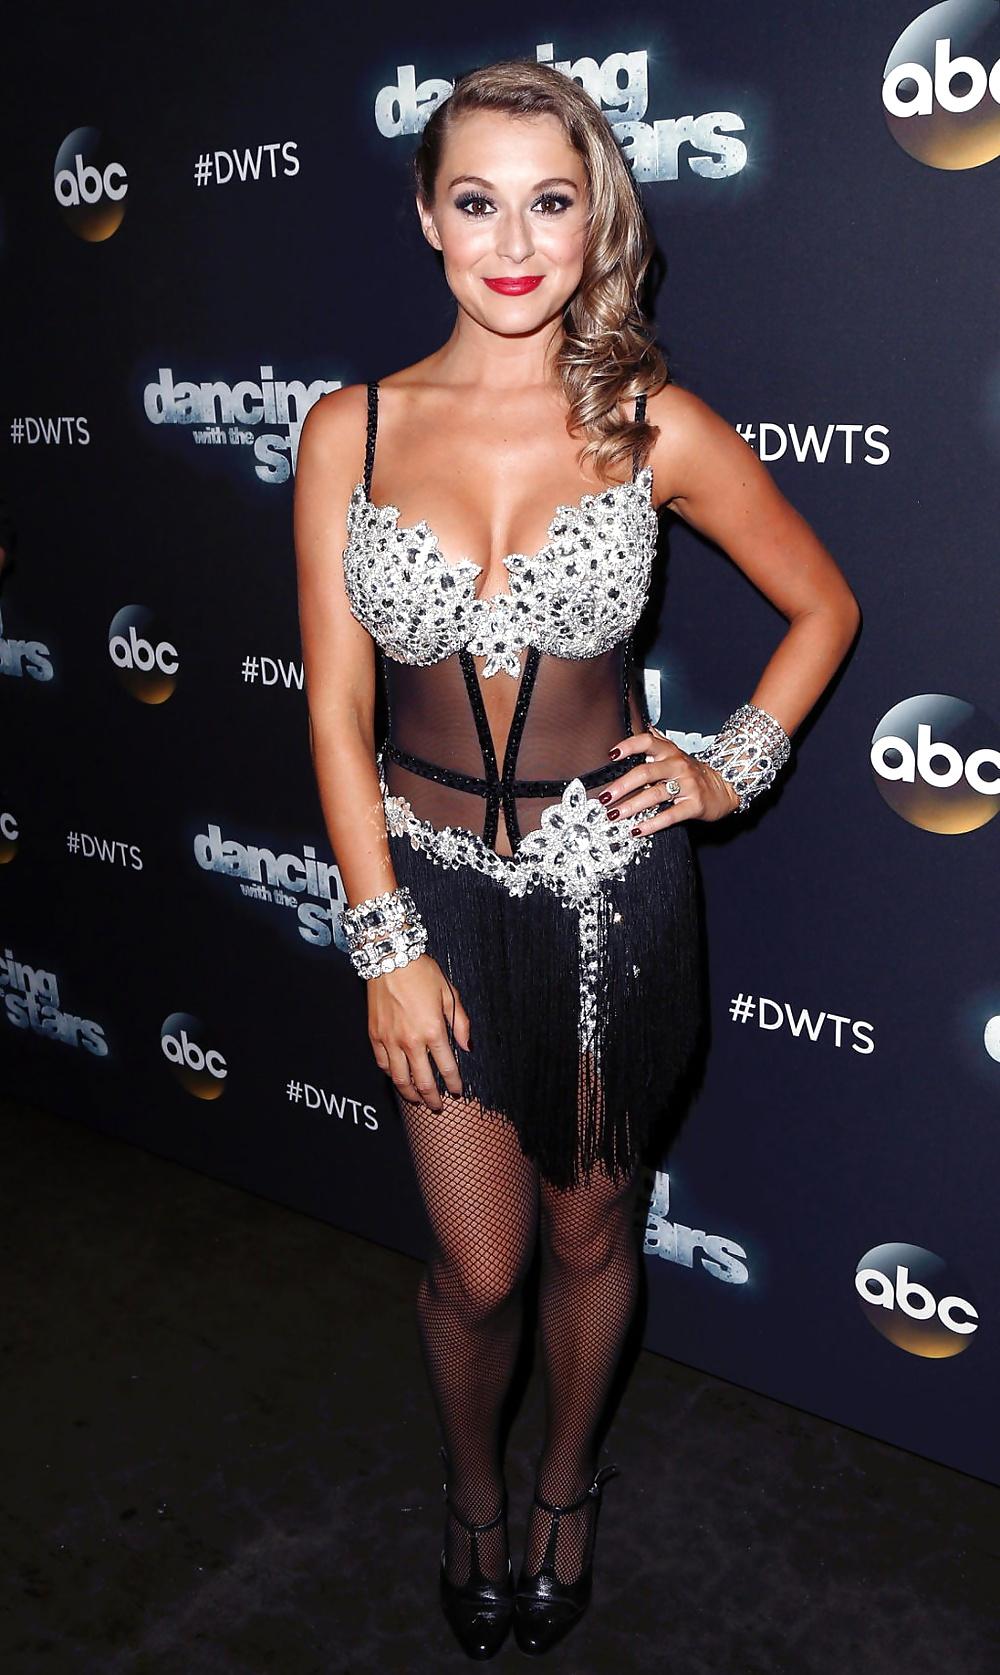 Алекса Эллес Вега (Alexa Elles Vega) в платье с бахромой